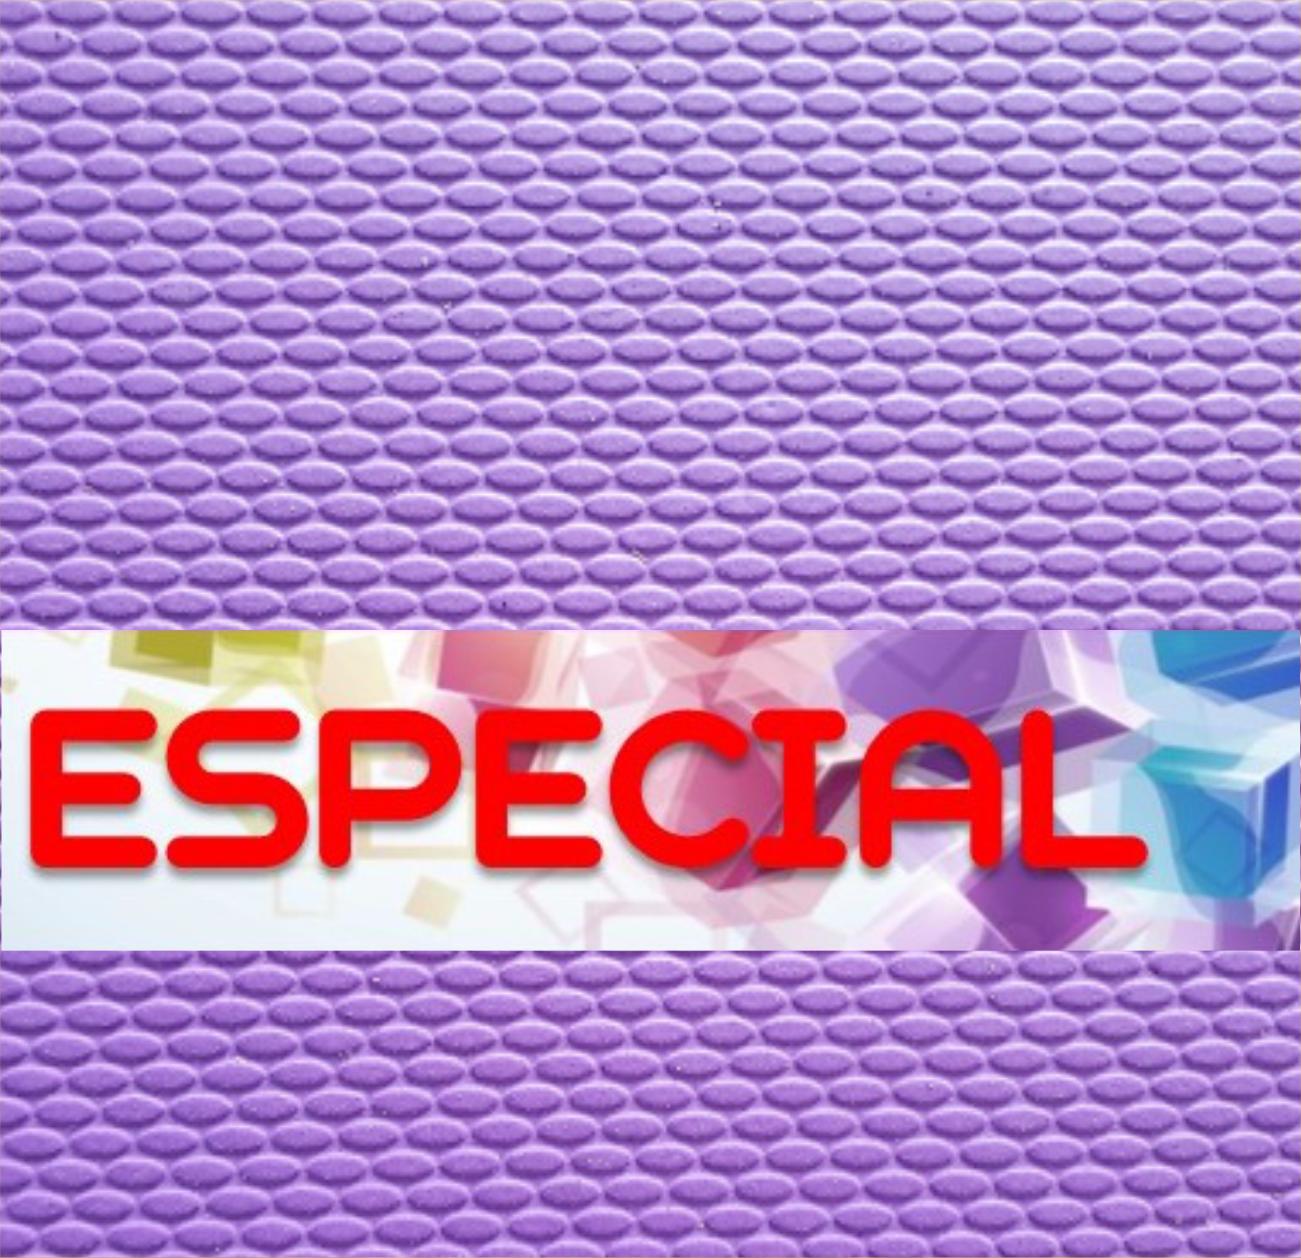 Placa de Borracha Microporosa ESPECIAL - 1,70 x 0,90 - 60% BORRACHA